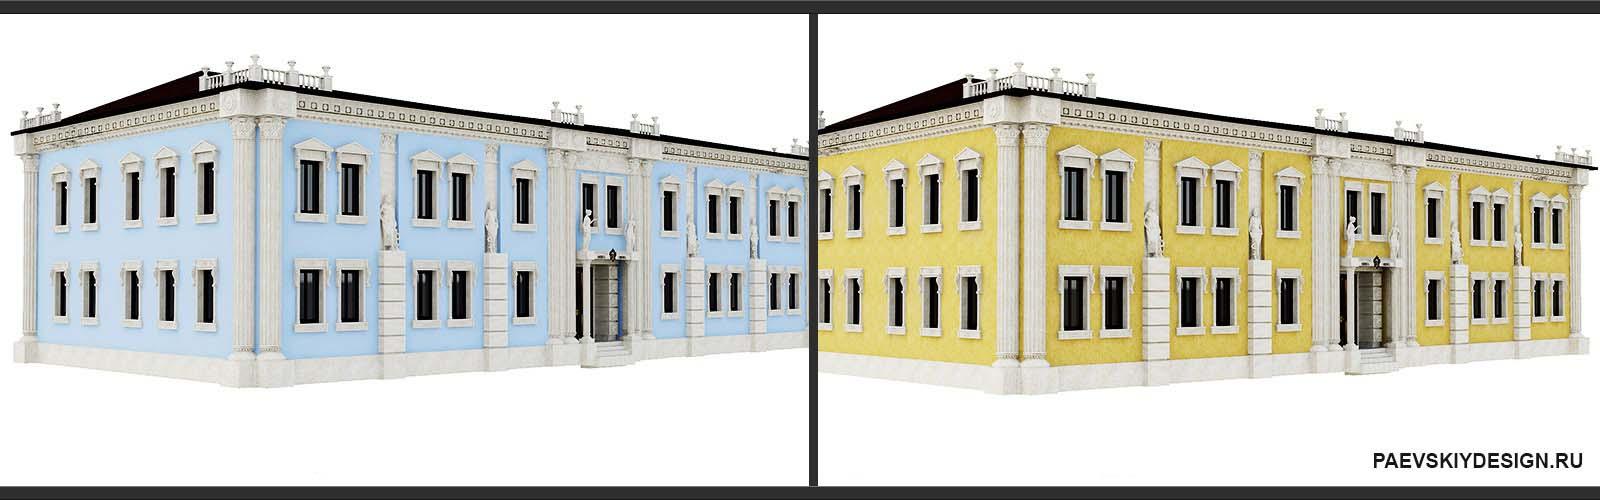 Концепция оформление экстерьера здания